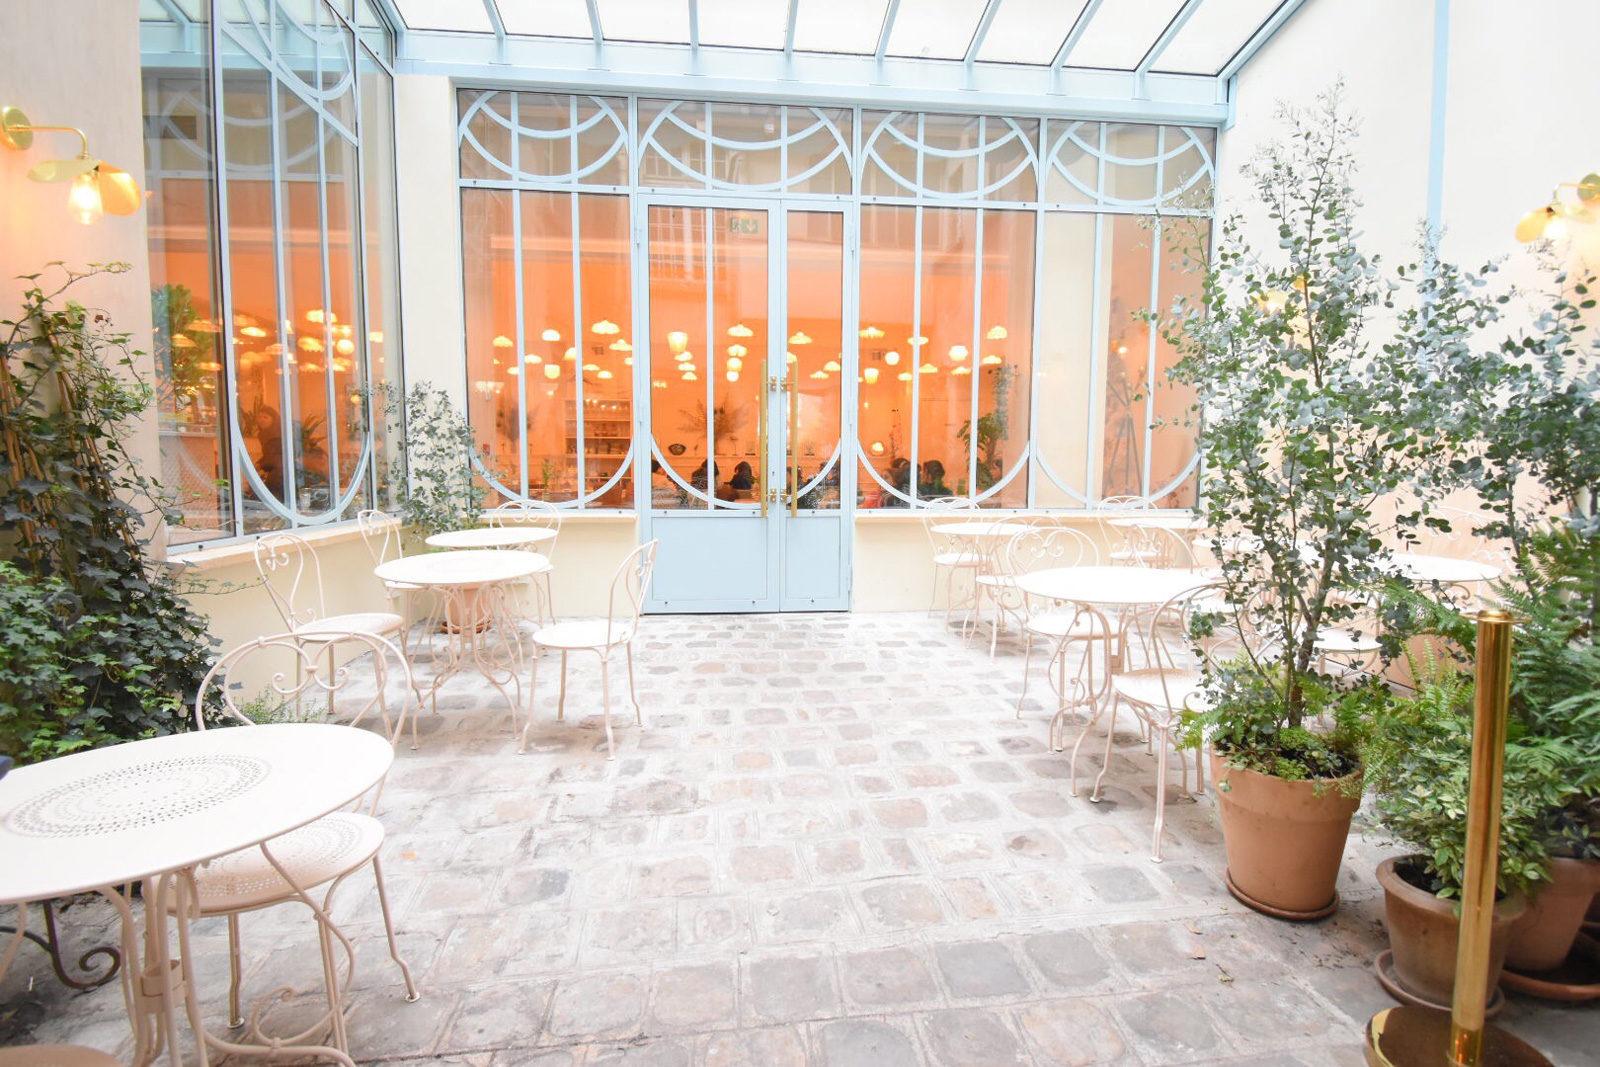 パリ・パティスリーBontemps ボントンのレストラン「Le Jardin Secret」